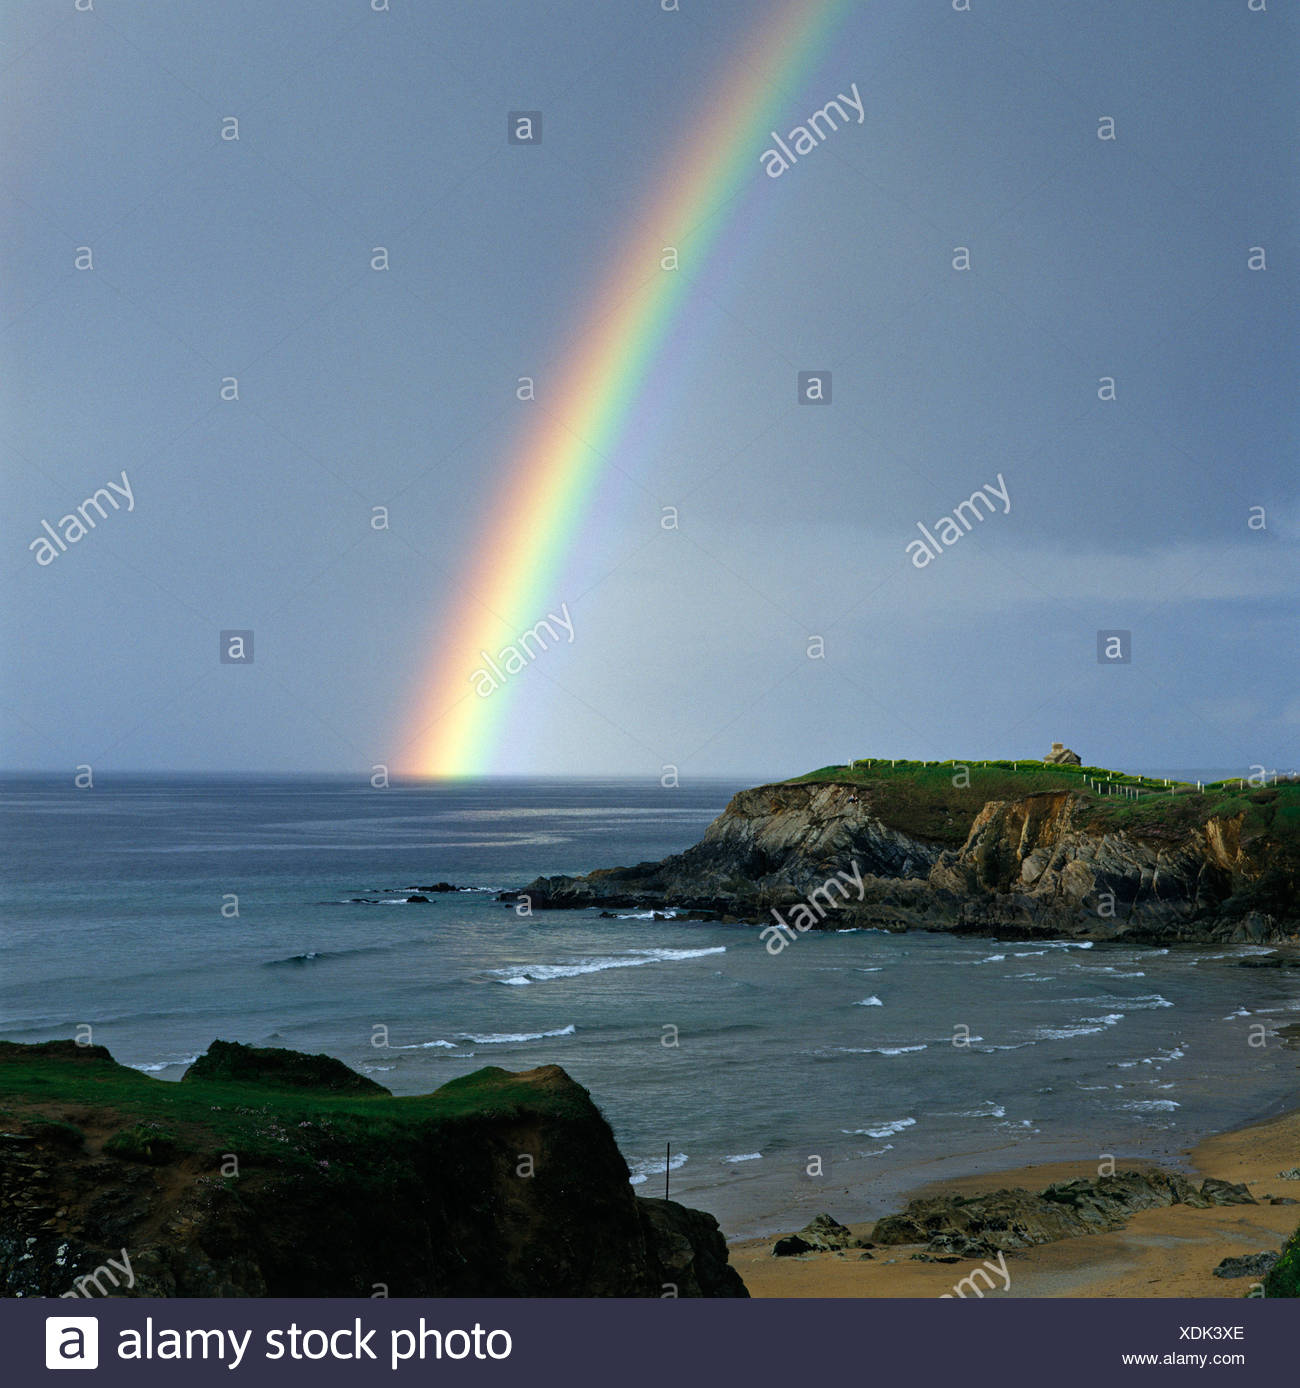 Le Pouldu Departement Finistère France rain bow after a thunder storm above the coast of the Atlantic Ocean near the Laita estu - Stock Image